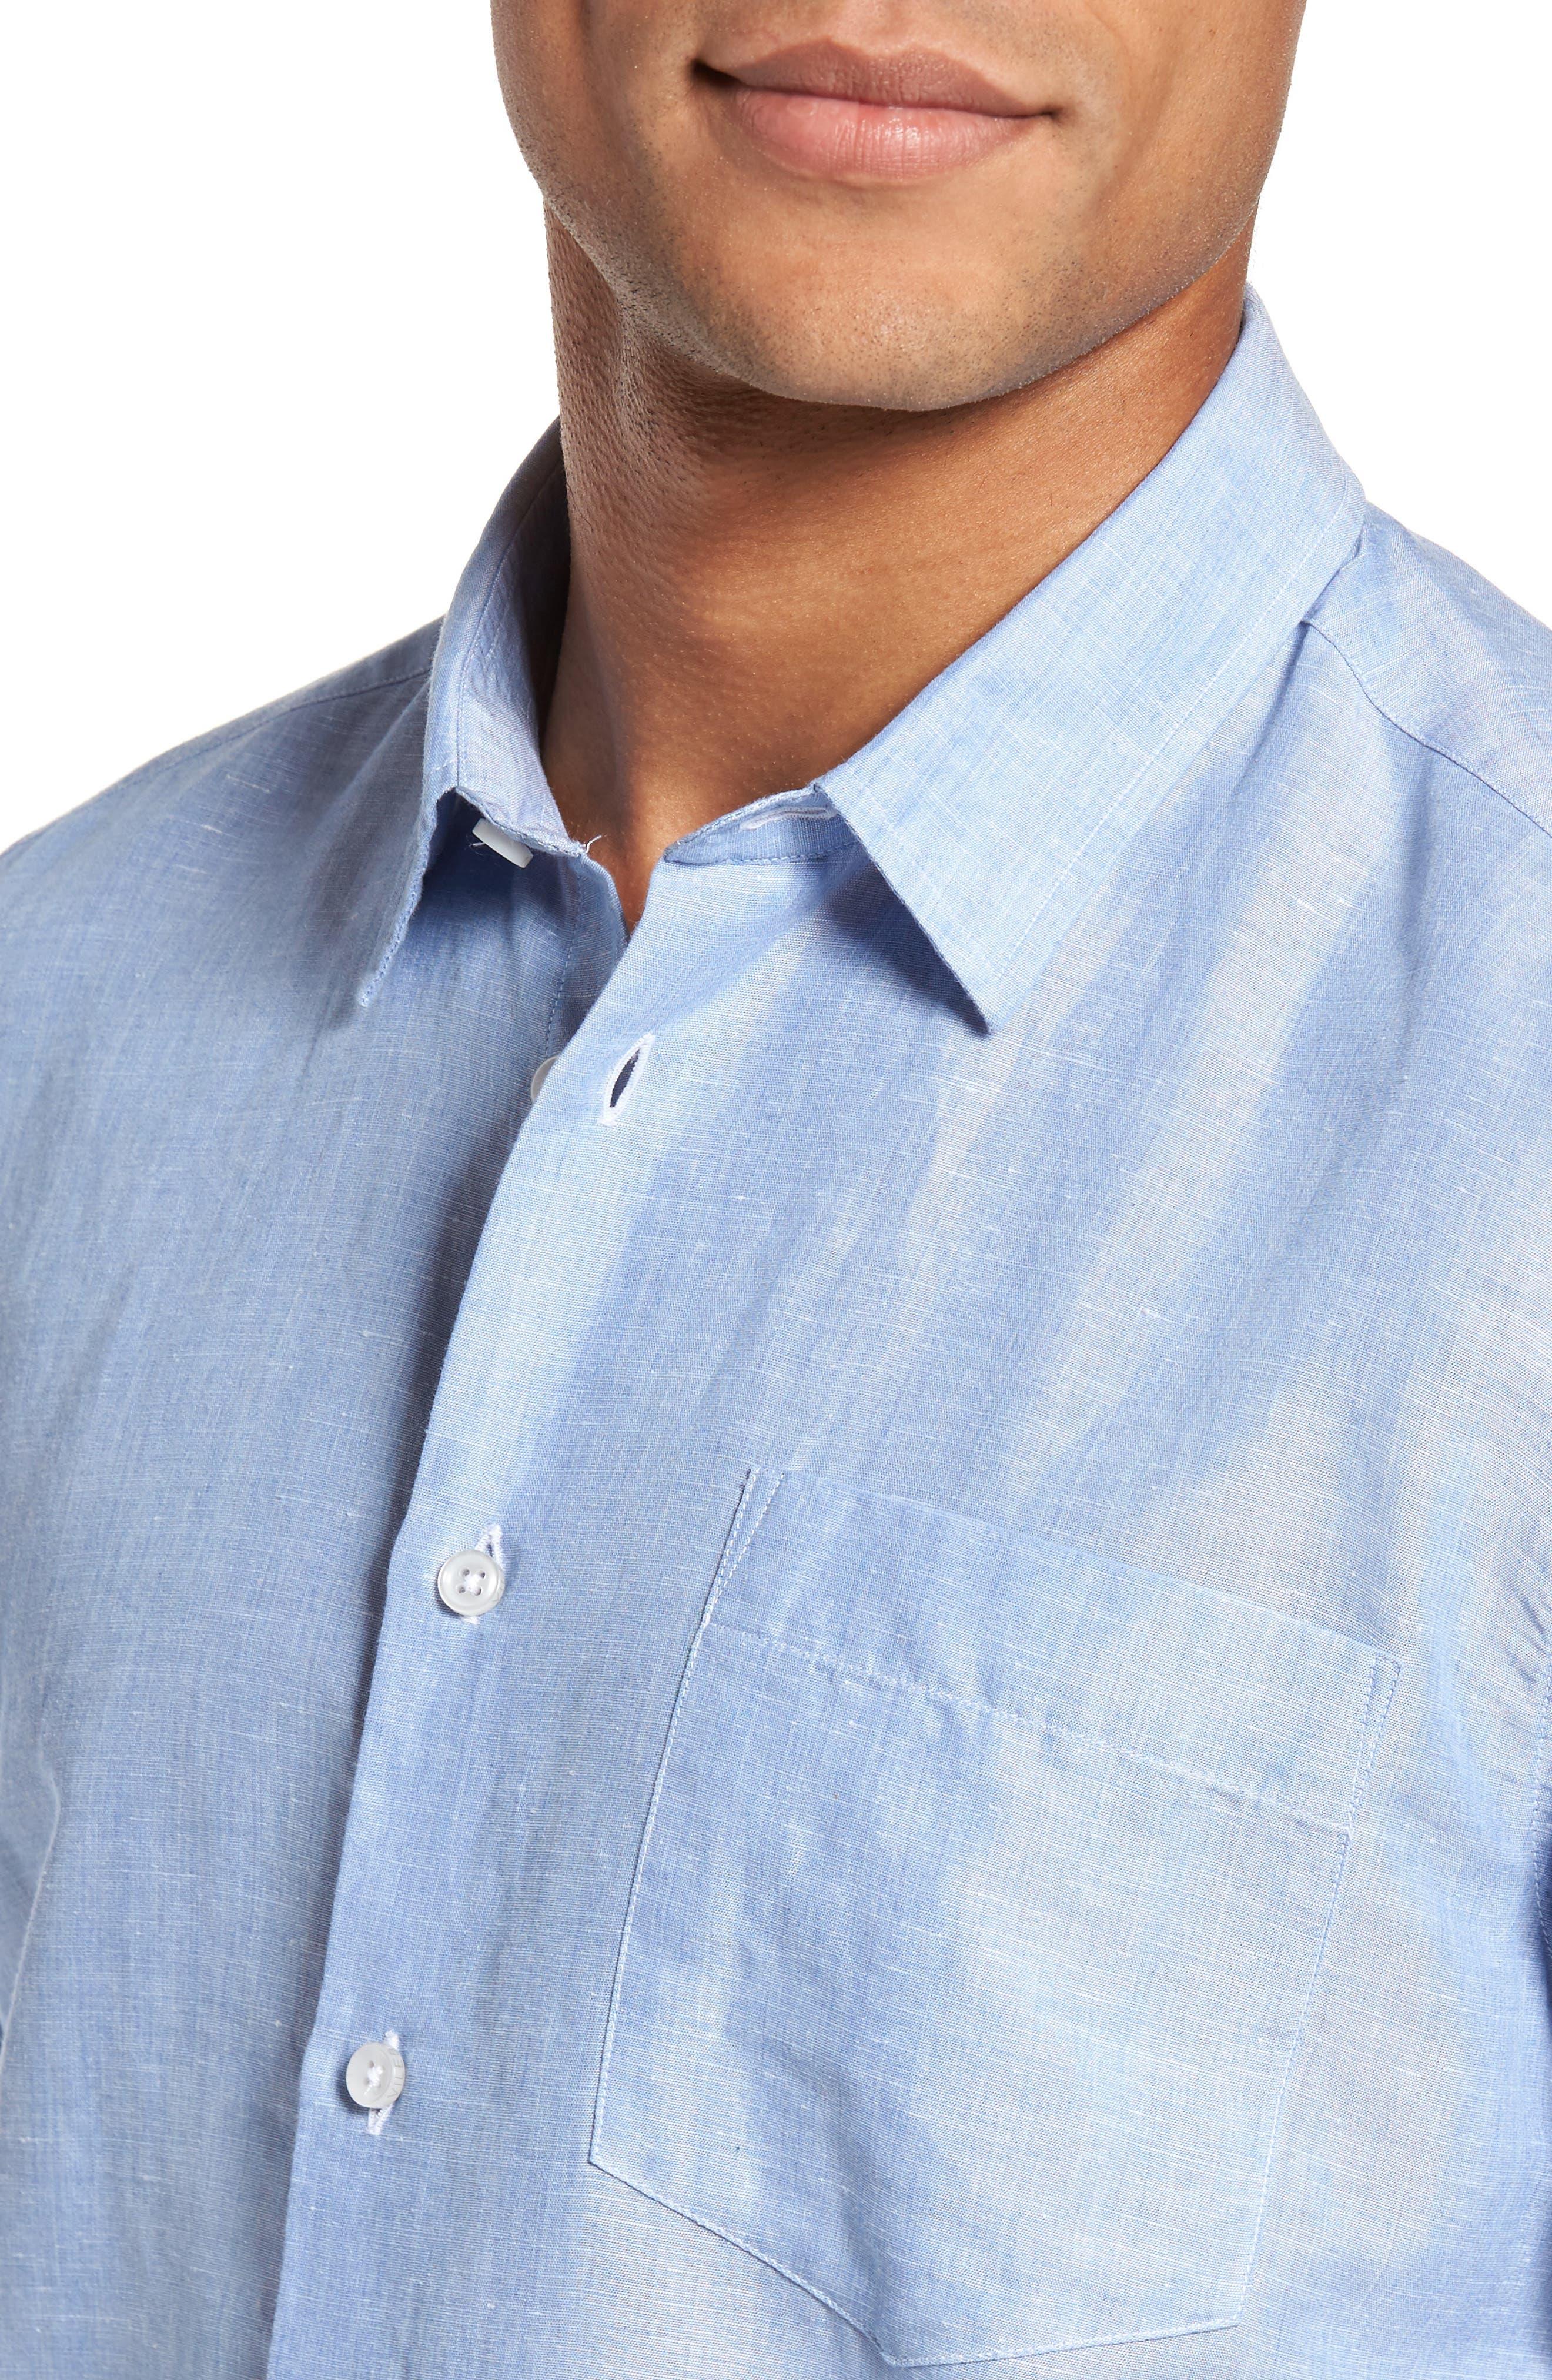 Linen & Cotton Sport Shirt,                             Alternate thumbnail 2, color,                             Blue Jean